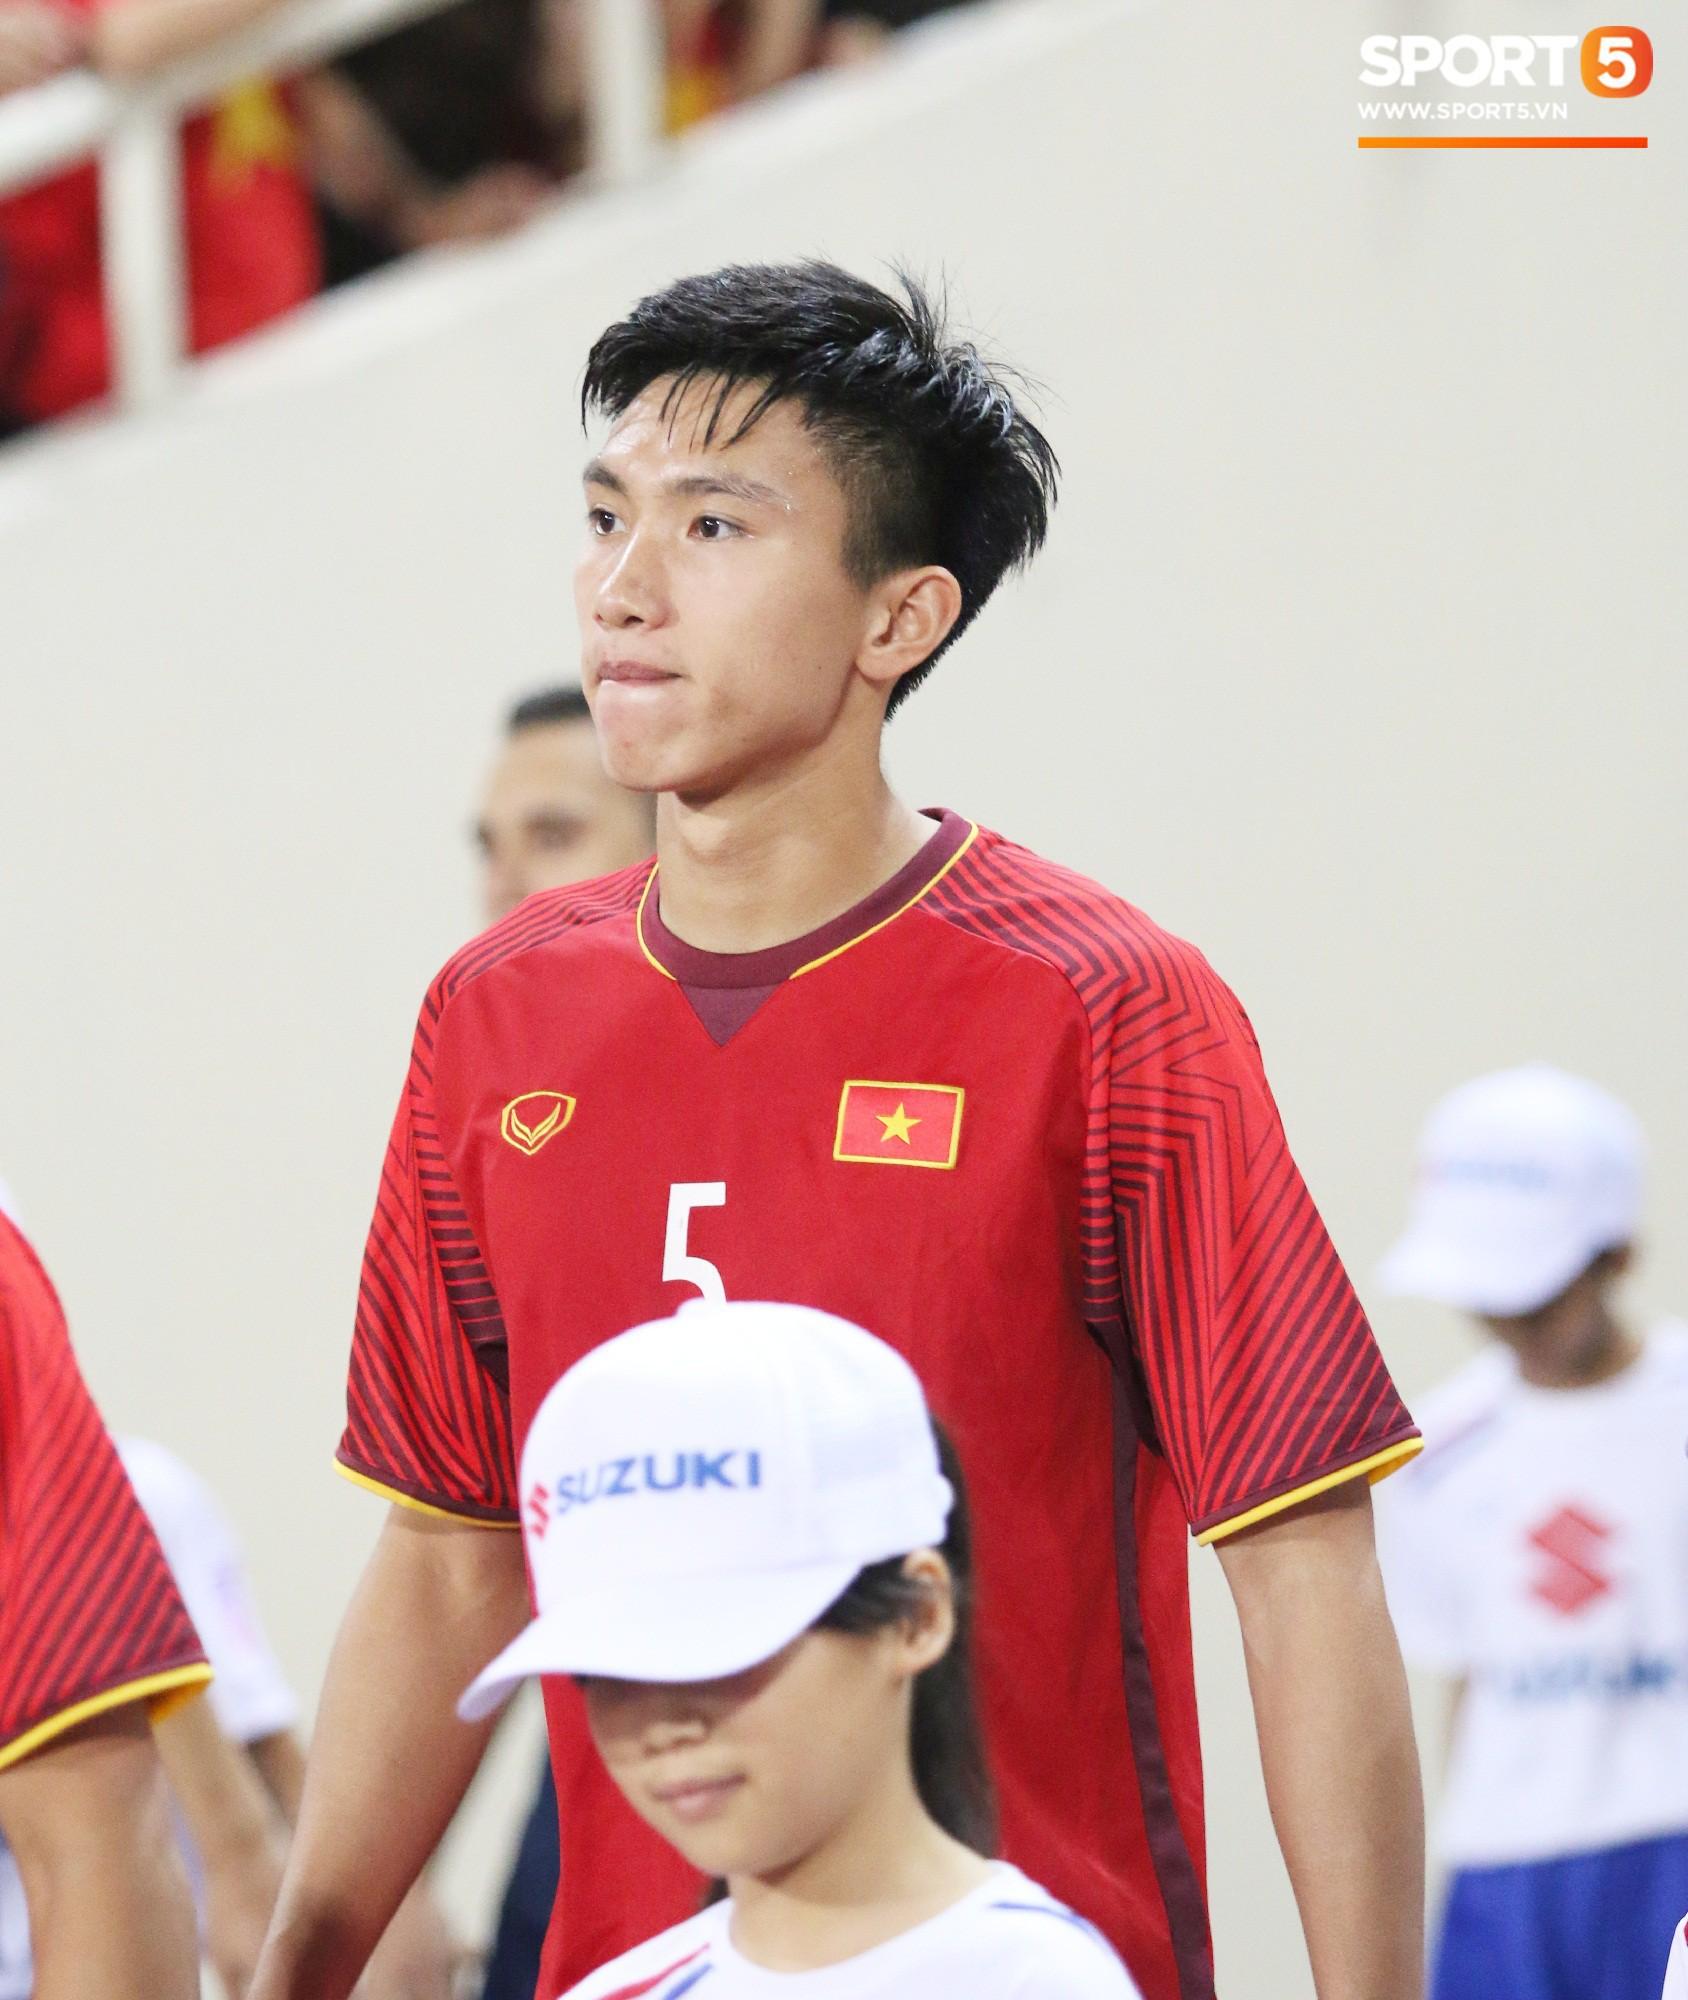 Lý giải bất ngờ của mẹ Văn Hậu về bức ảnh nhìn như thôi miên cậu con trai tại AFF Cup 2018 - Ảnh 4.